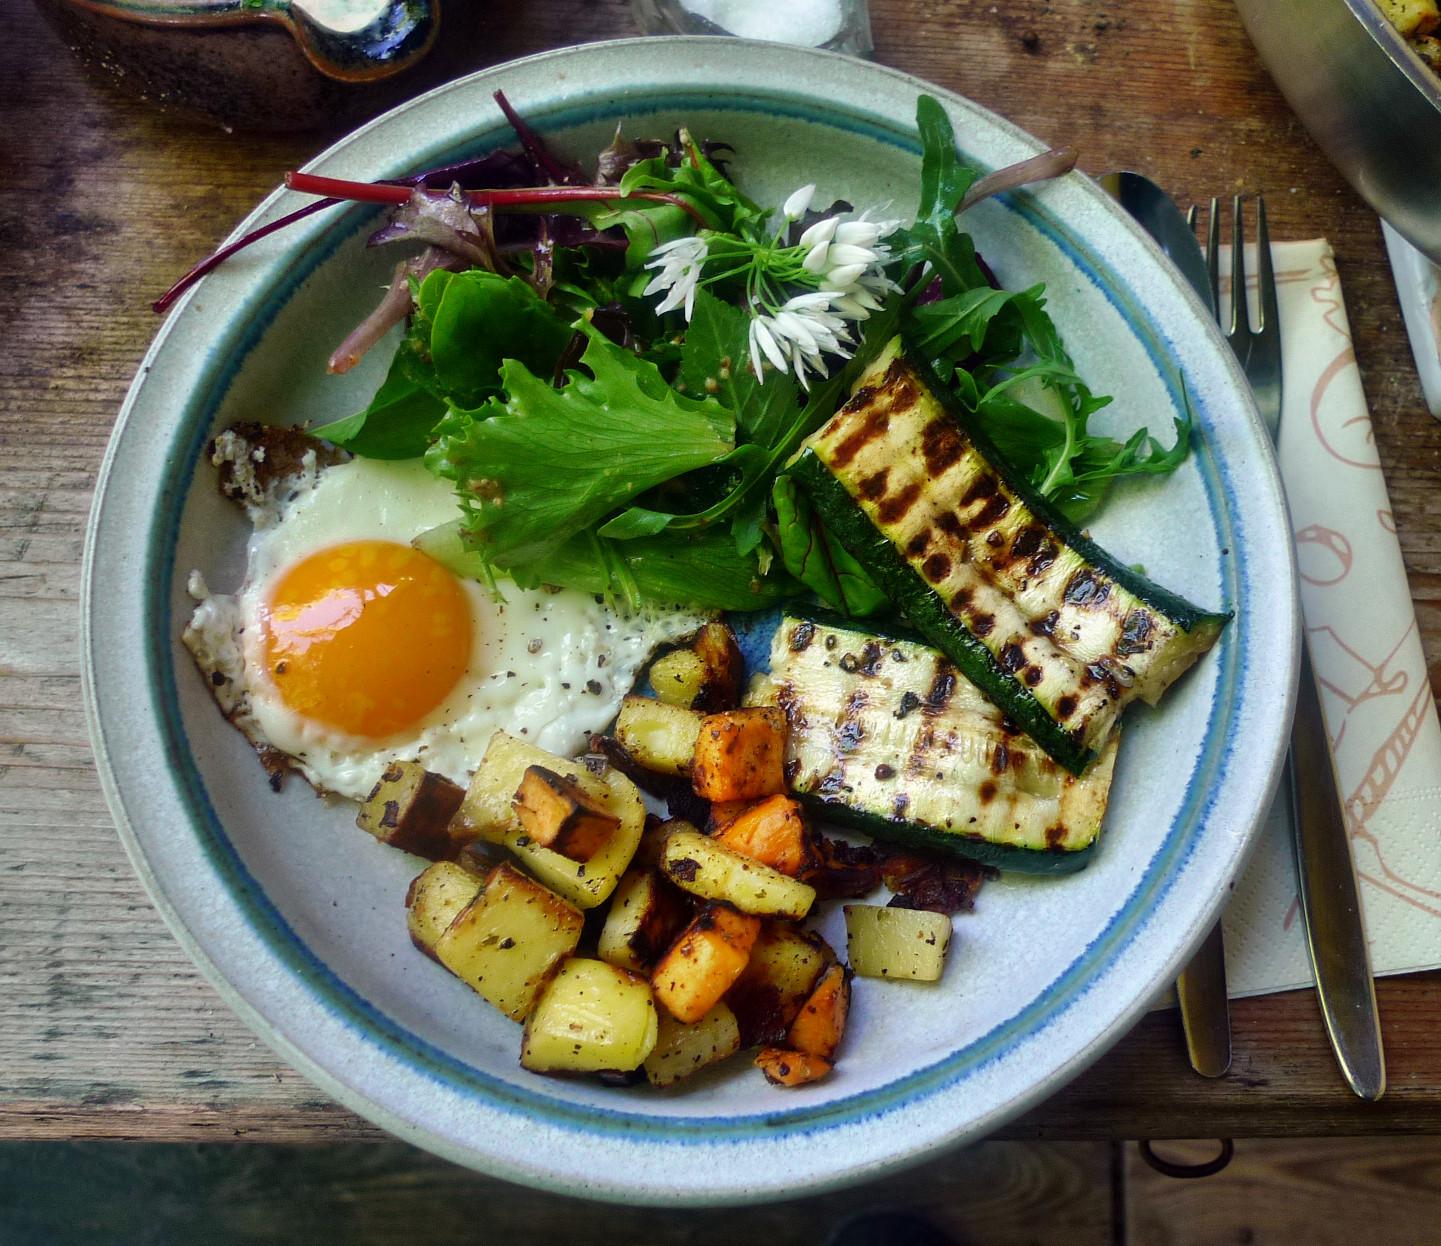 Bratkartoffel,Salat,Spiegelei,Dip,Zucchini - 13.5.15   (14)